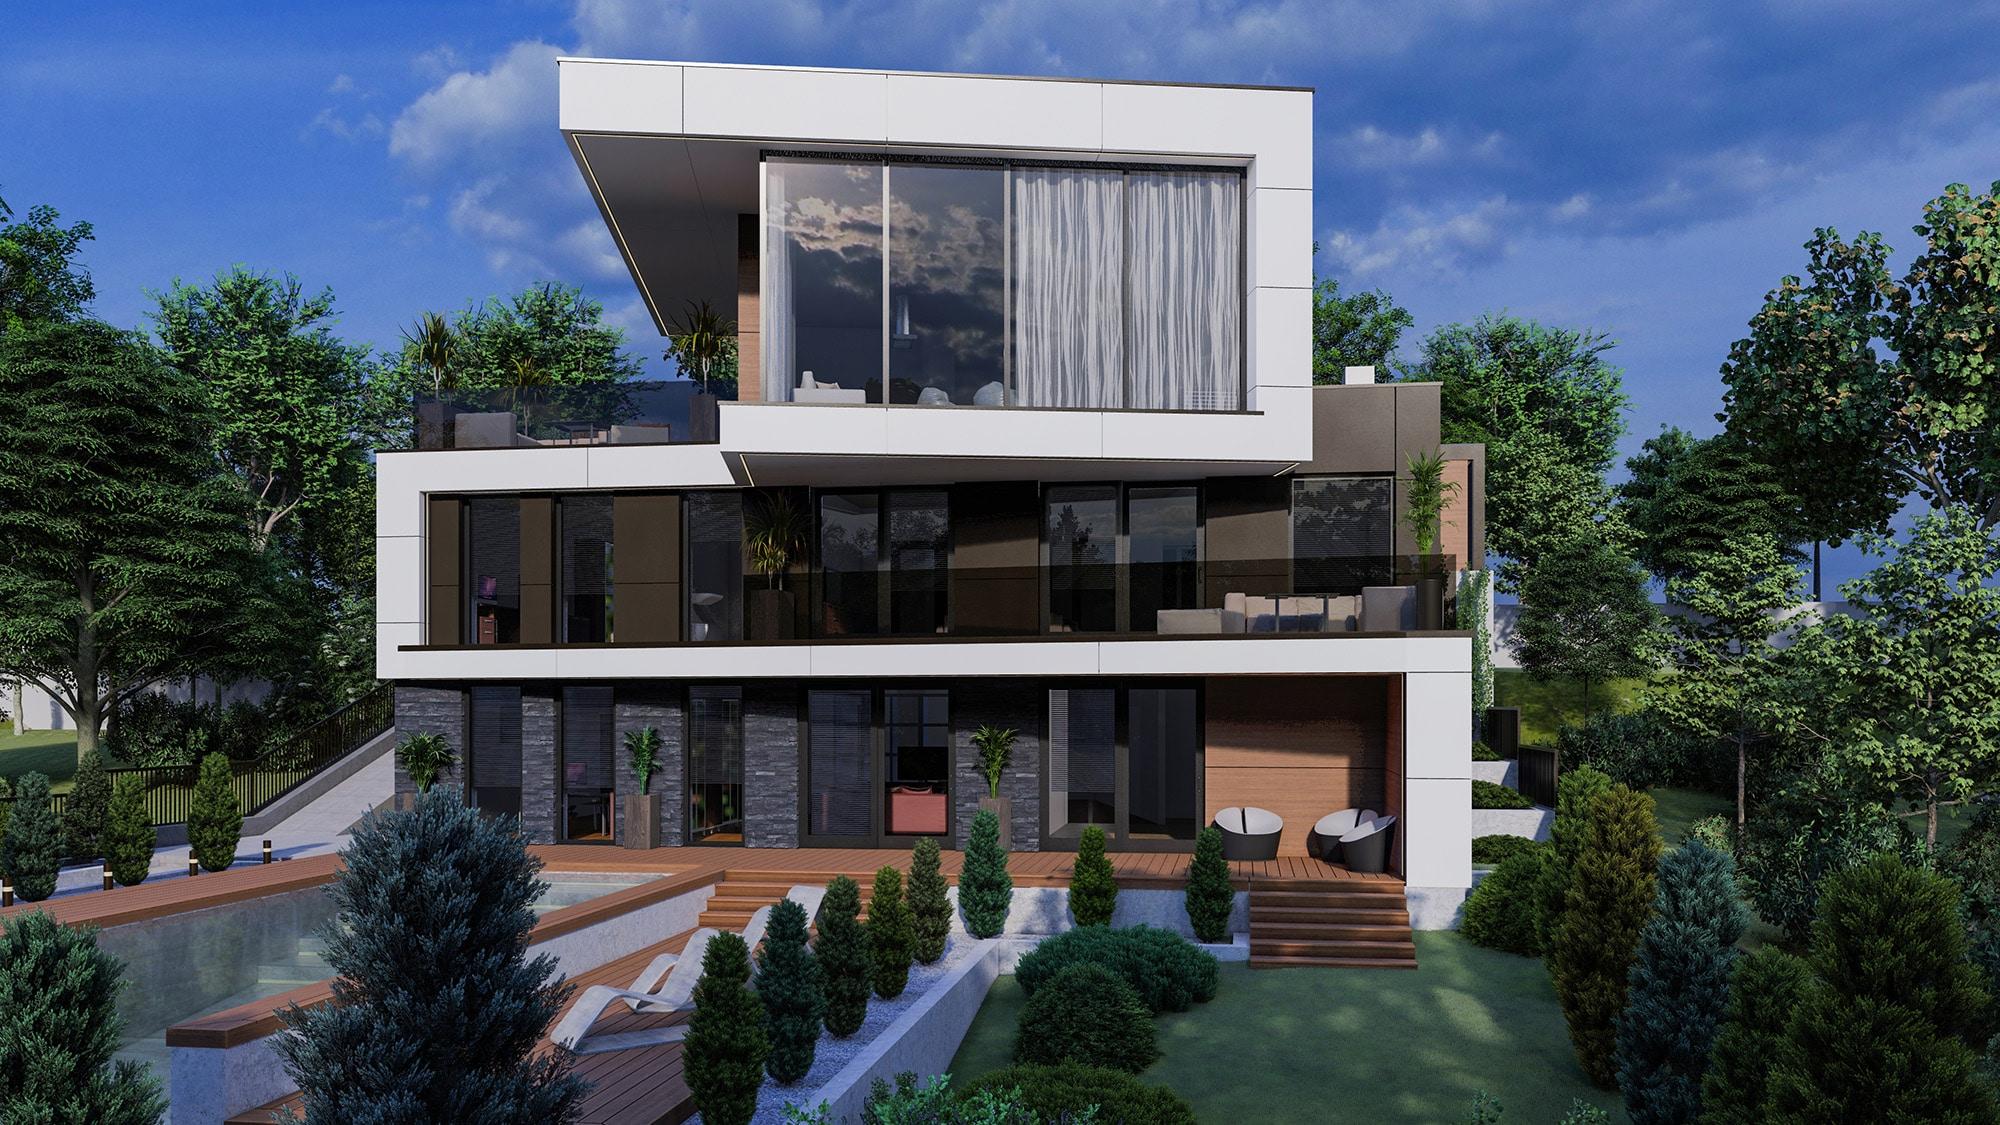 EXQUISITE HOUSE stilului modern in designul casei contemporane cu bazin